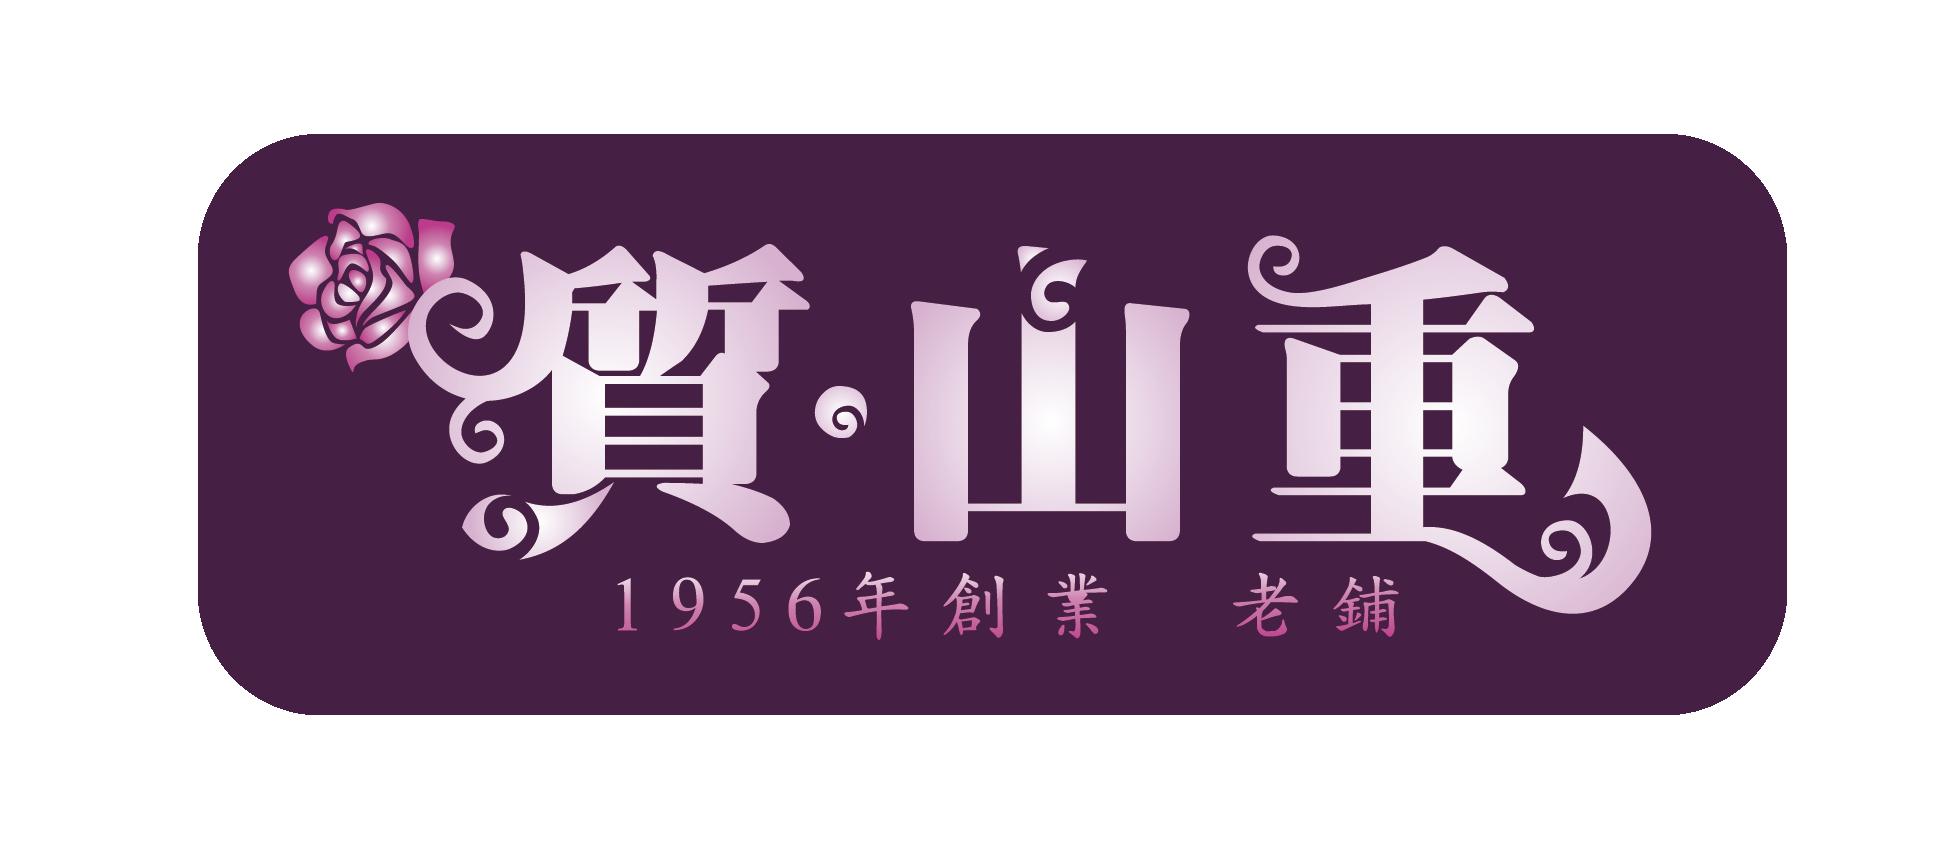 yamashige-修正-03-01